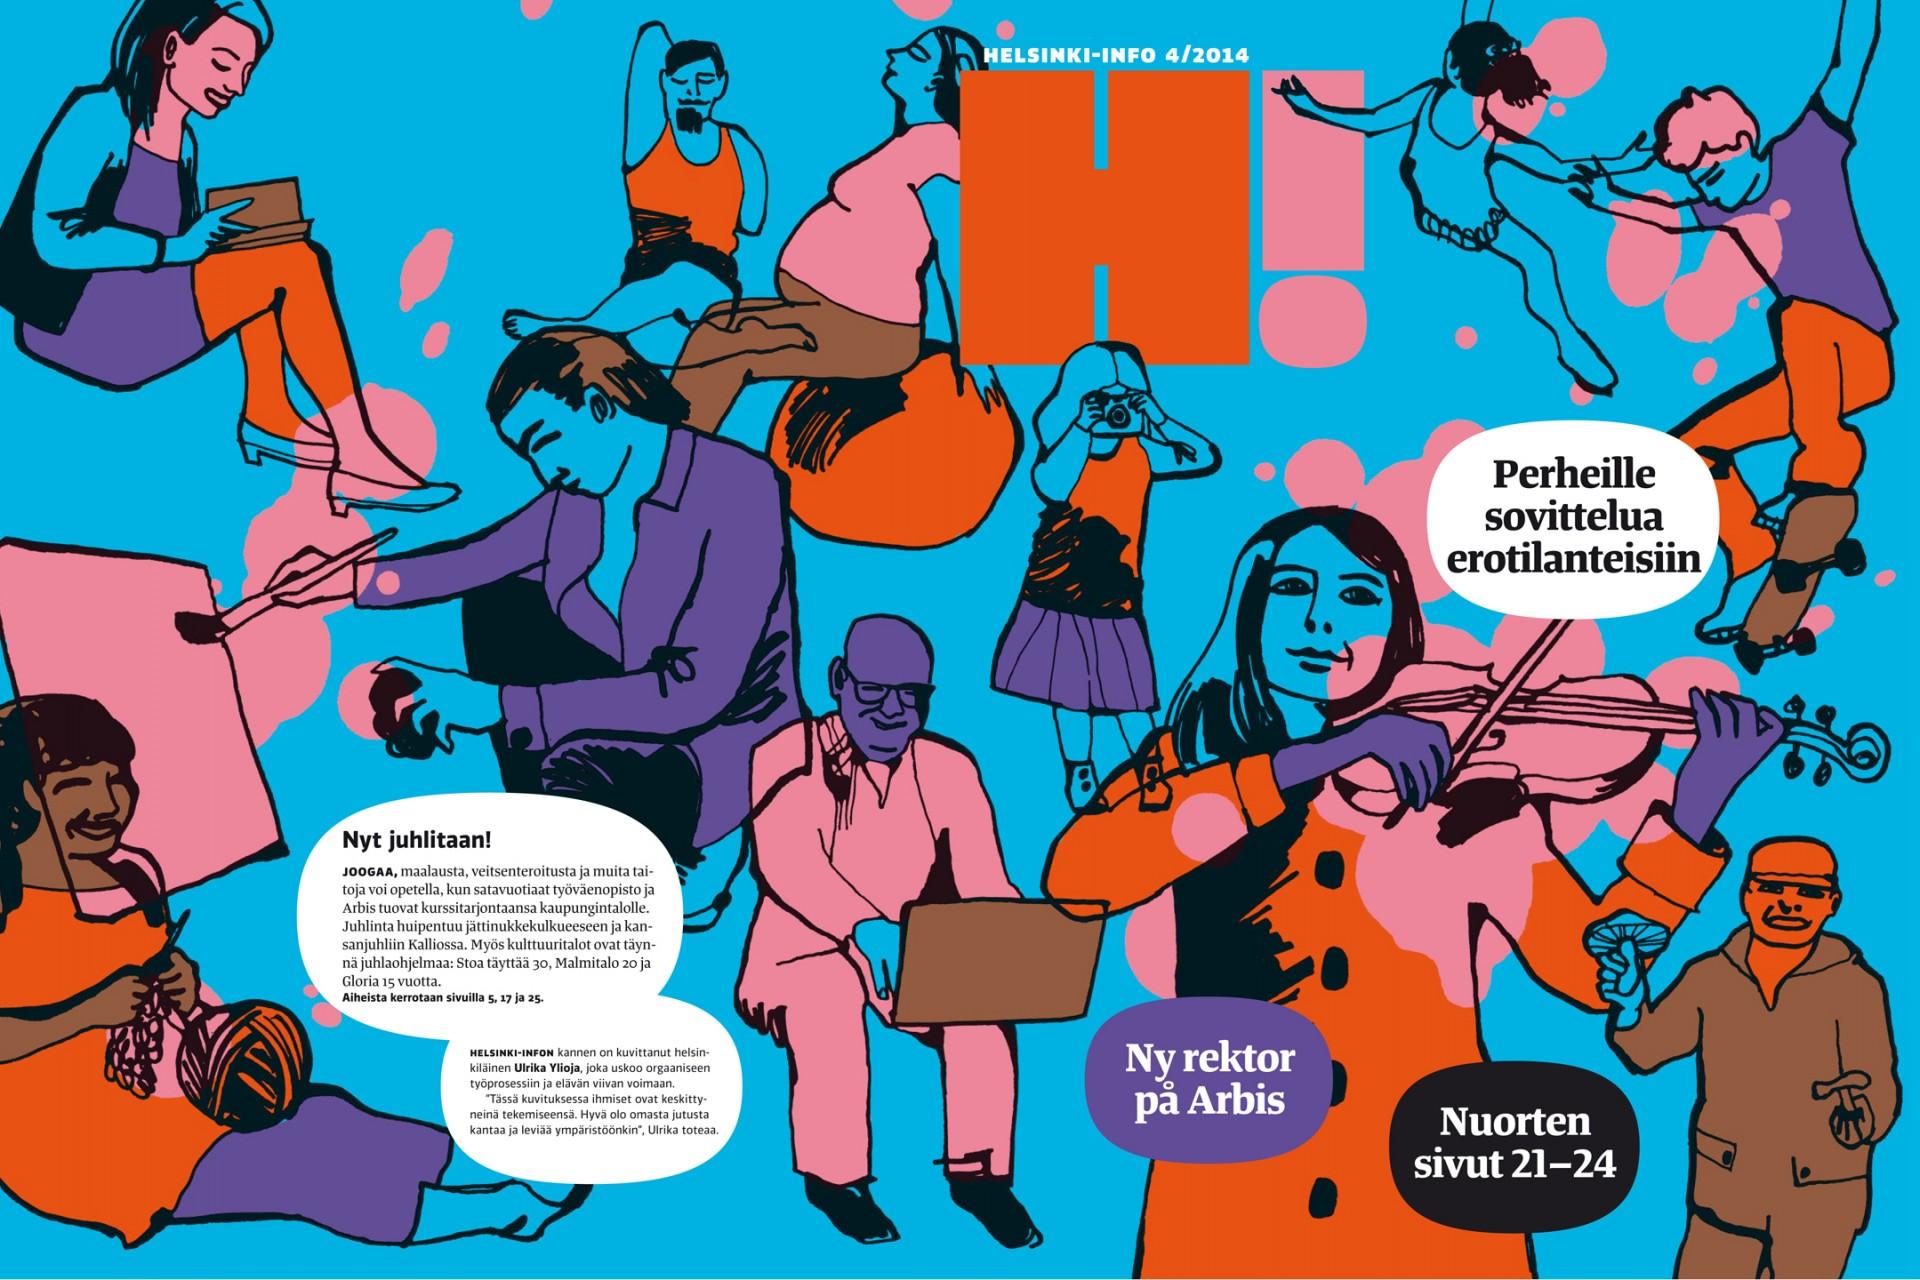 Helsinki-Info magazine